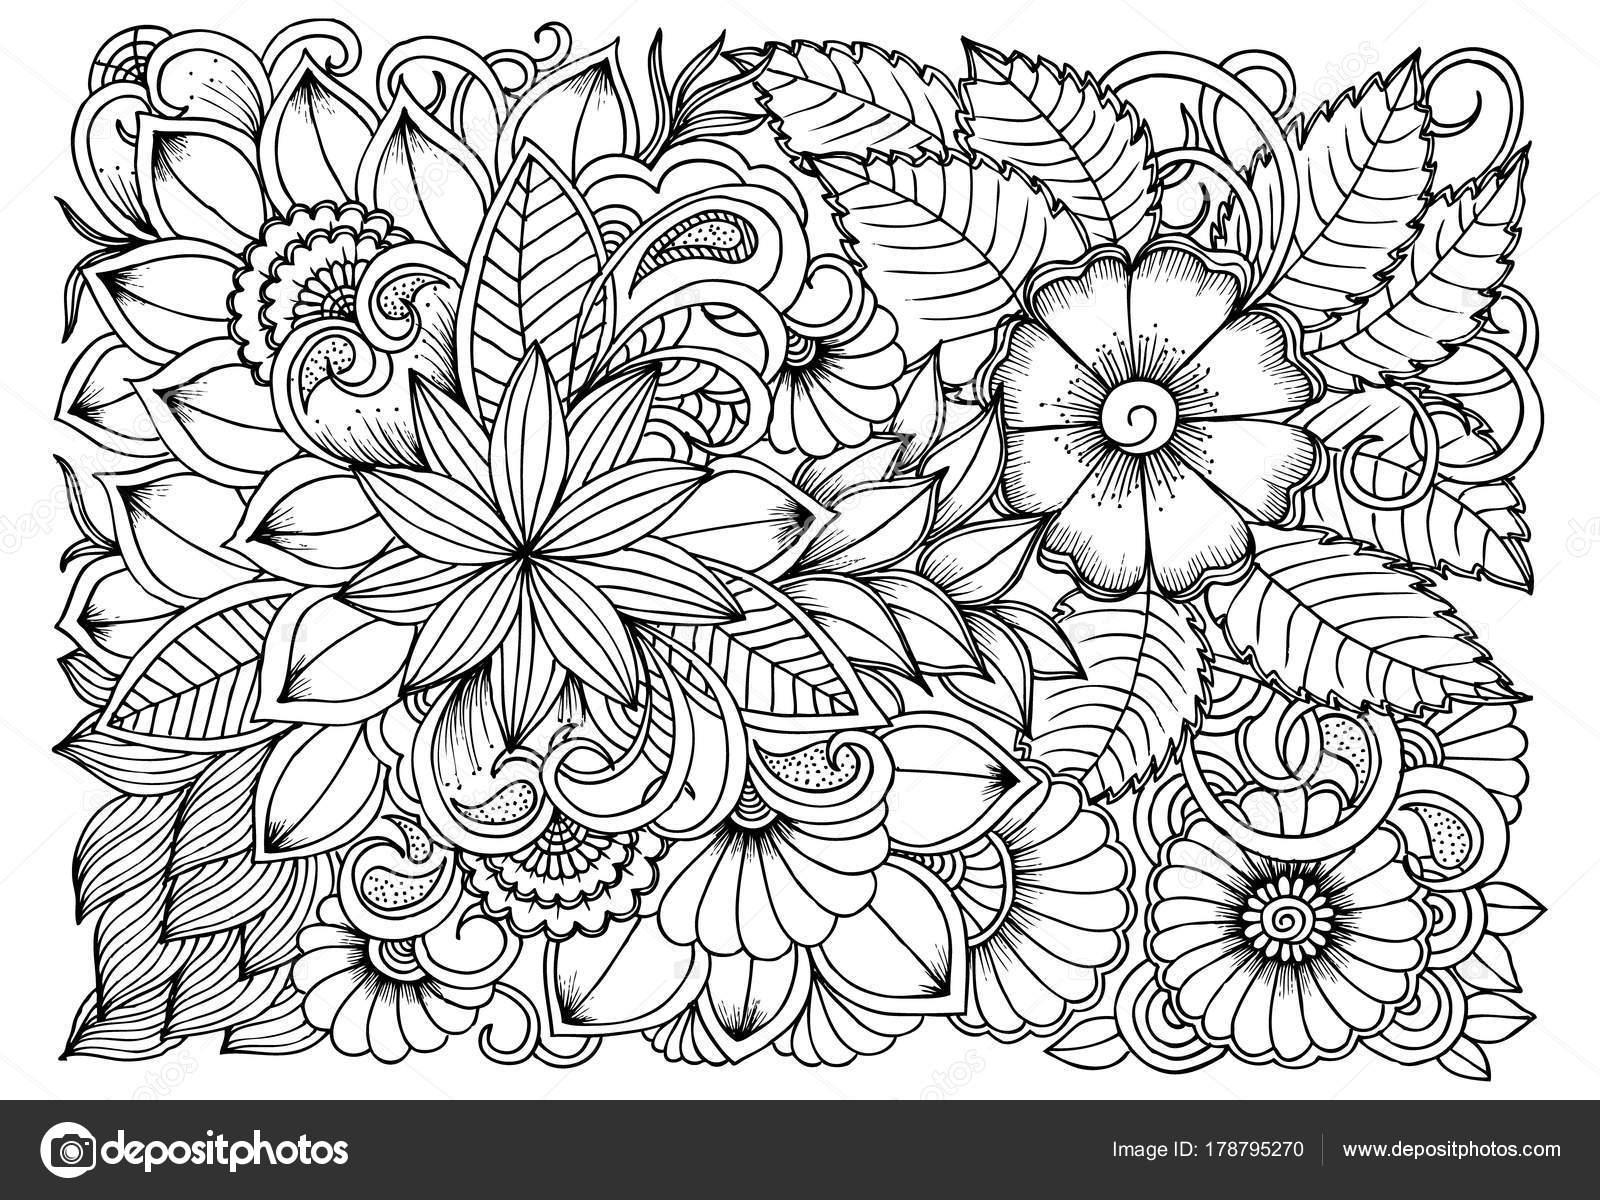 Blanco y negro patrón de flores para colorear. Doodle drawi floral ...